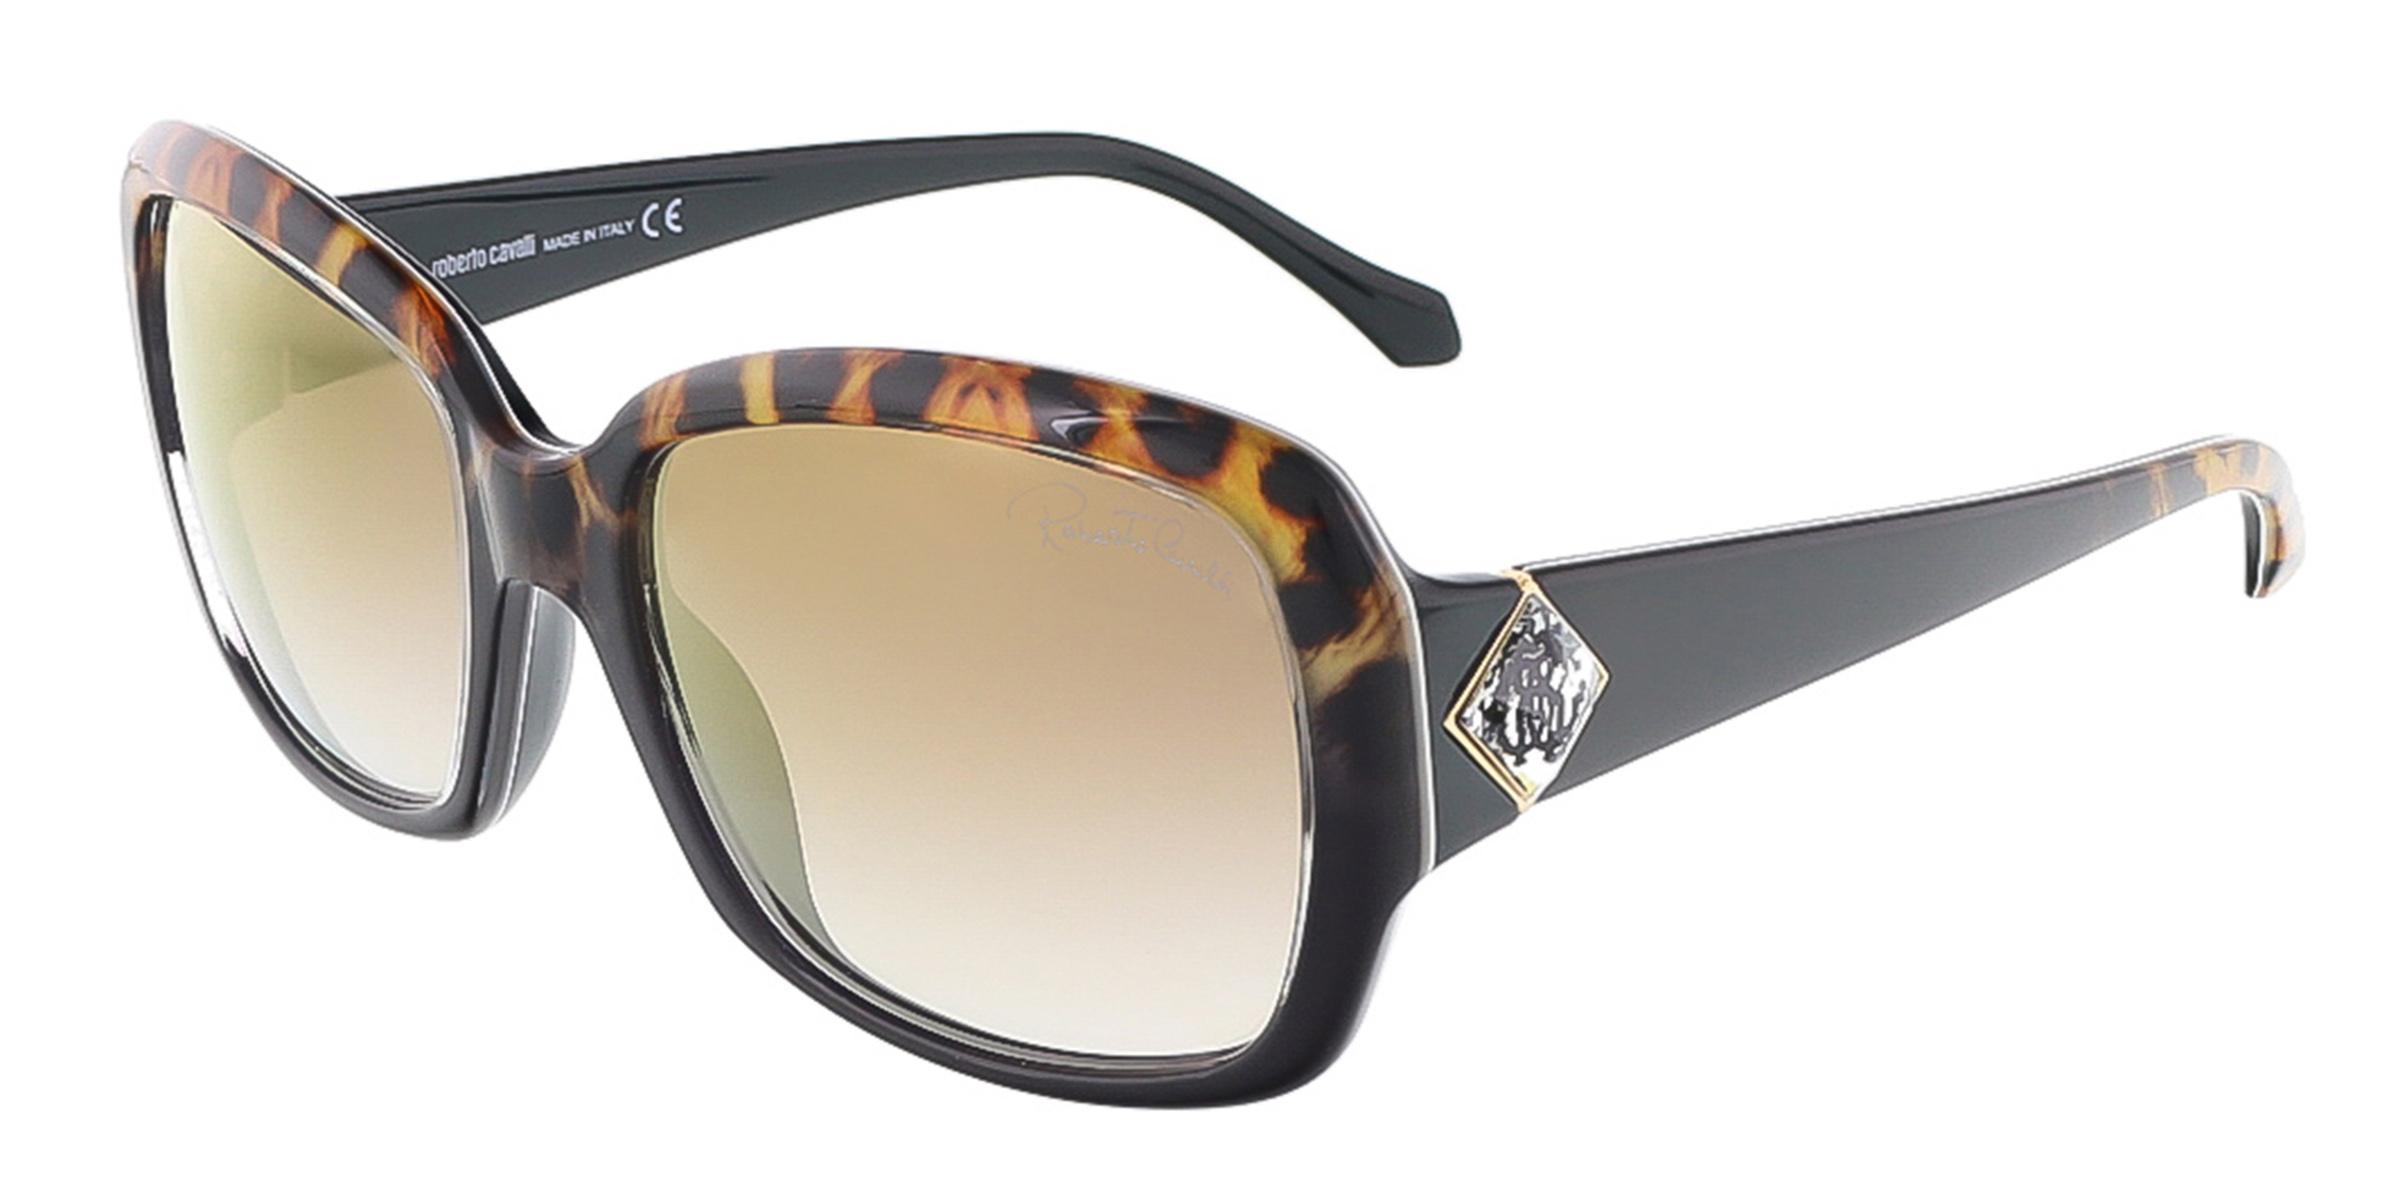 Roberto Cavalli RC881S/S 05G MAIA Black/Leopard Square sunglasses